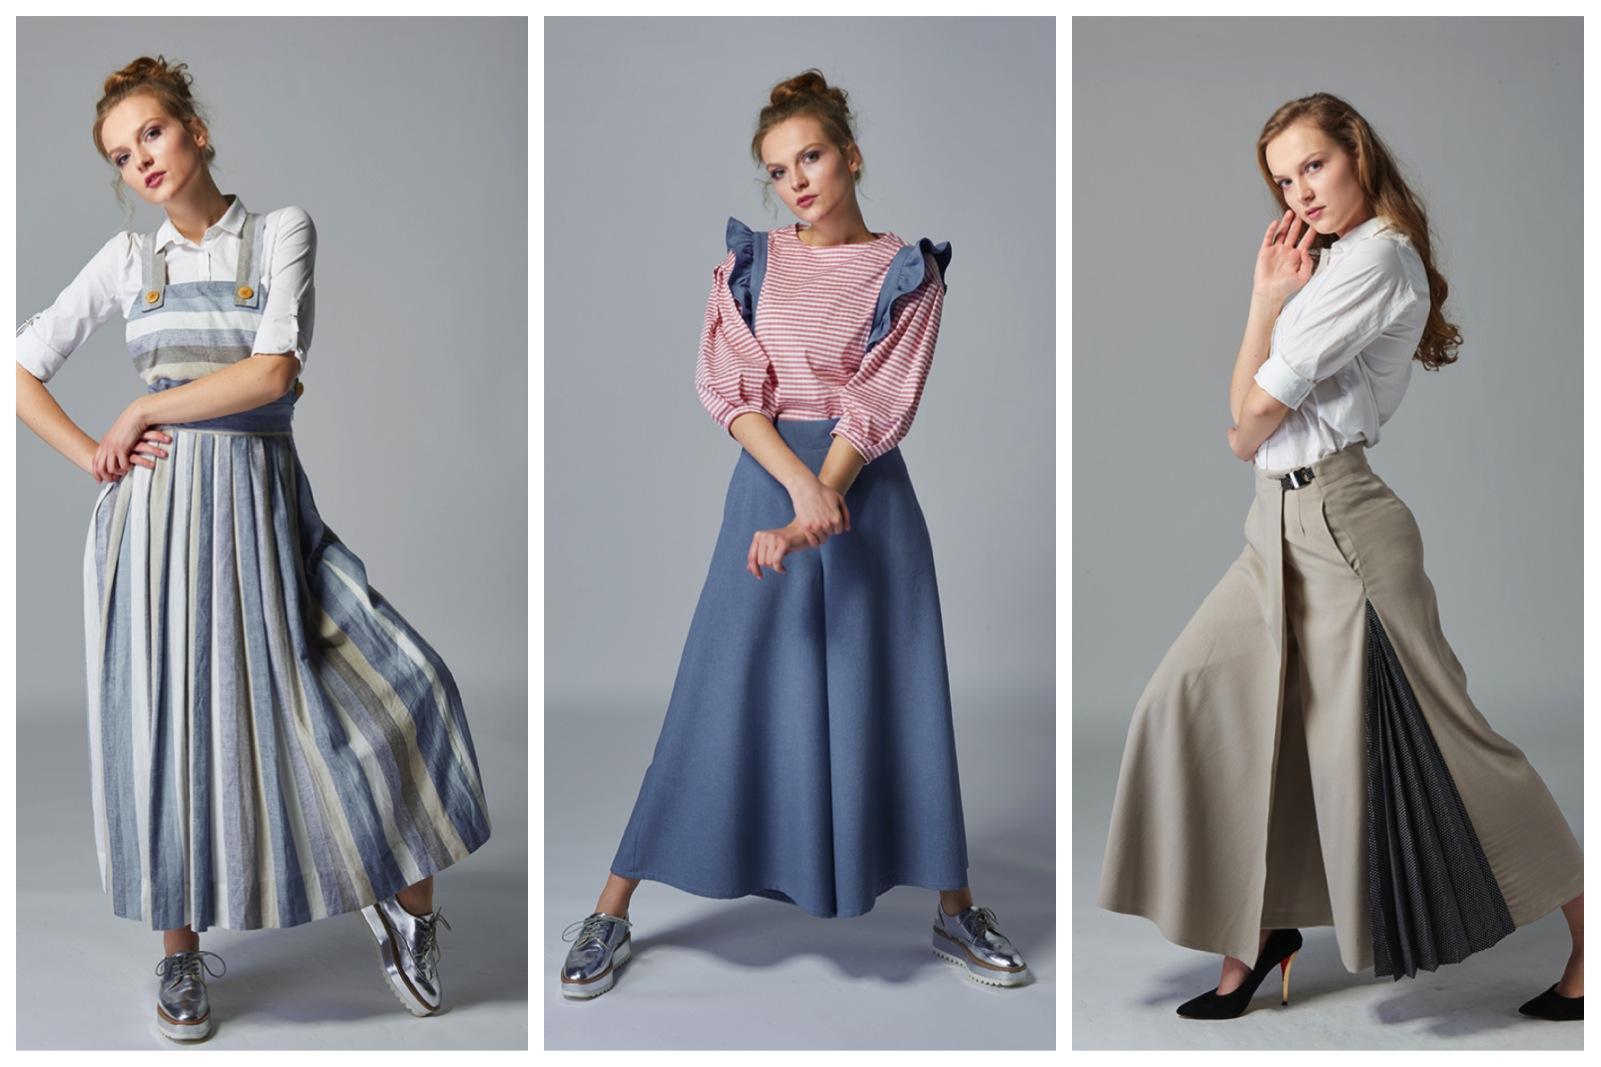 b0bded5295ee Šaty na špeciálnu príležitosť  Elegantná kolekcia od značky Twin-Set -  Emporiumbrands